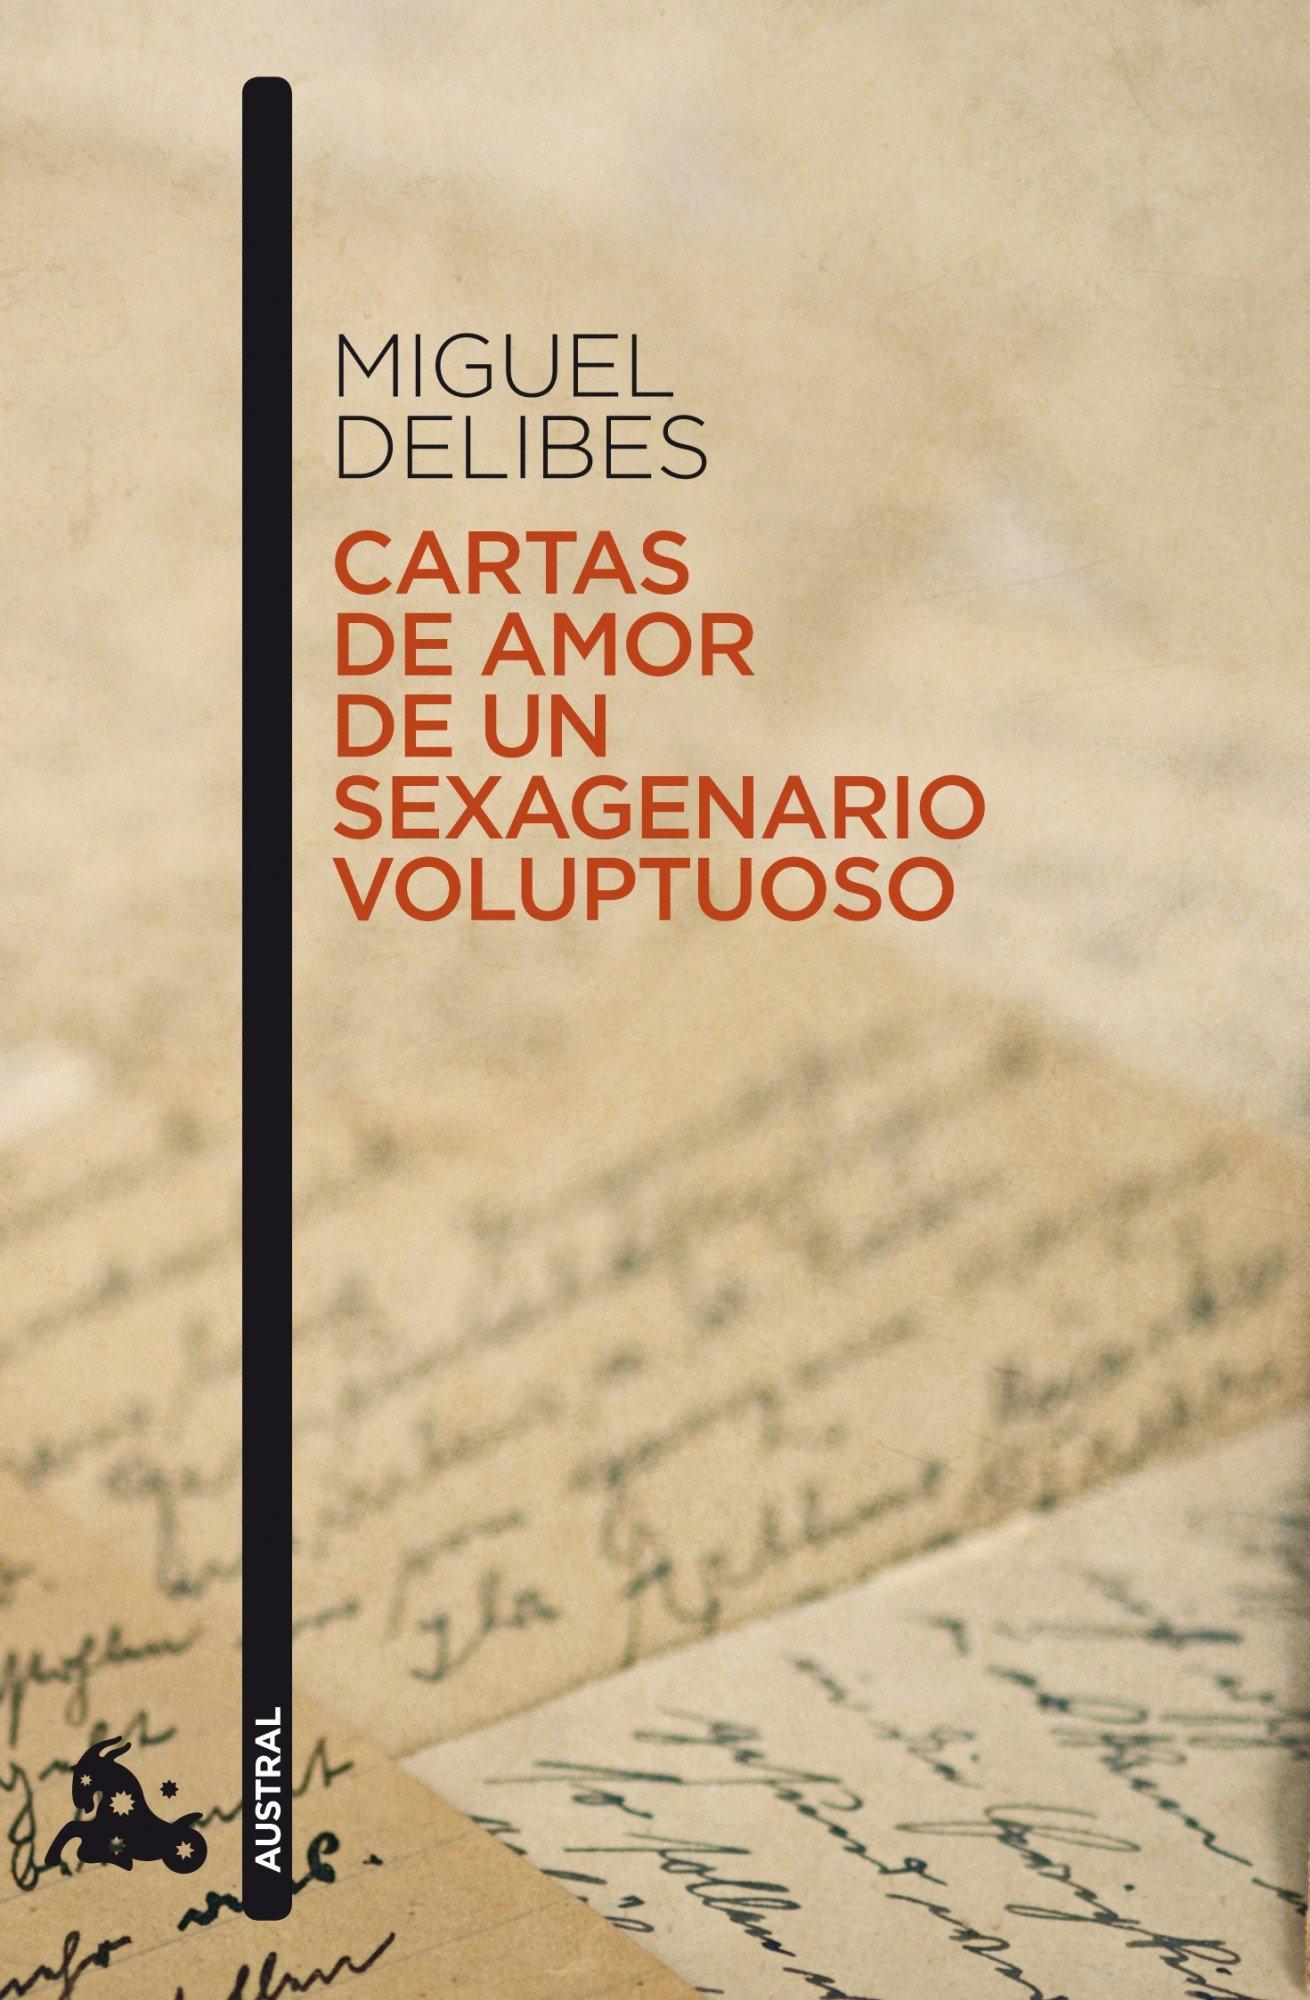 Cartas de amor de un sexagenario voluptuoso: MIGUEL DELIBES ...